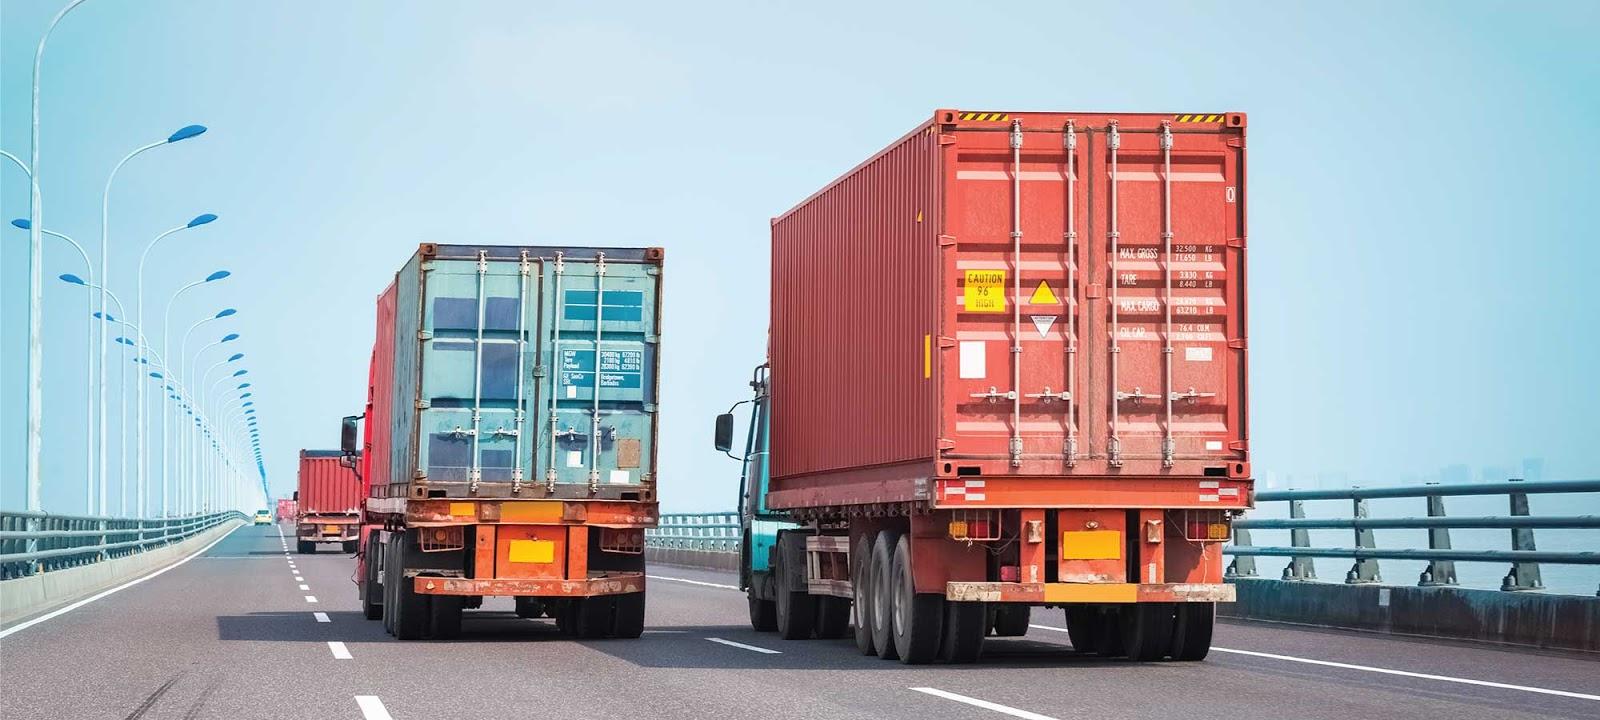 Inilah 3 Jenis Bisnis yang Menggunakan Truk Pengangkutan